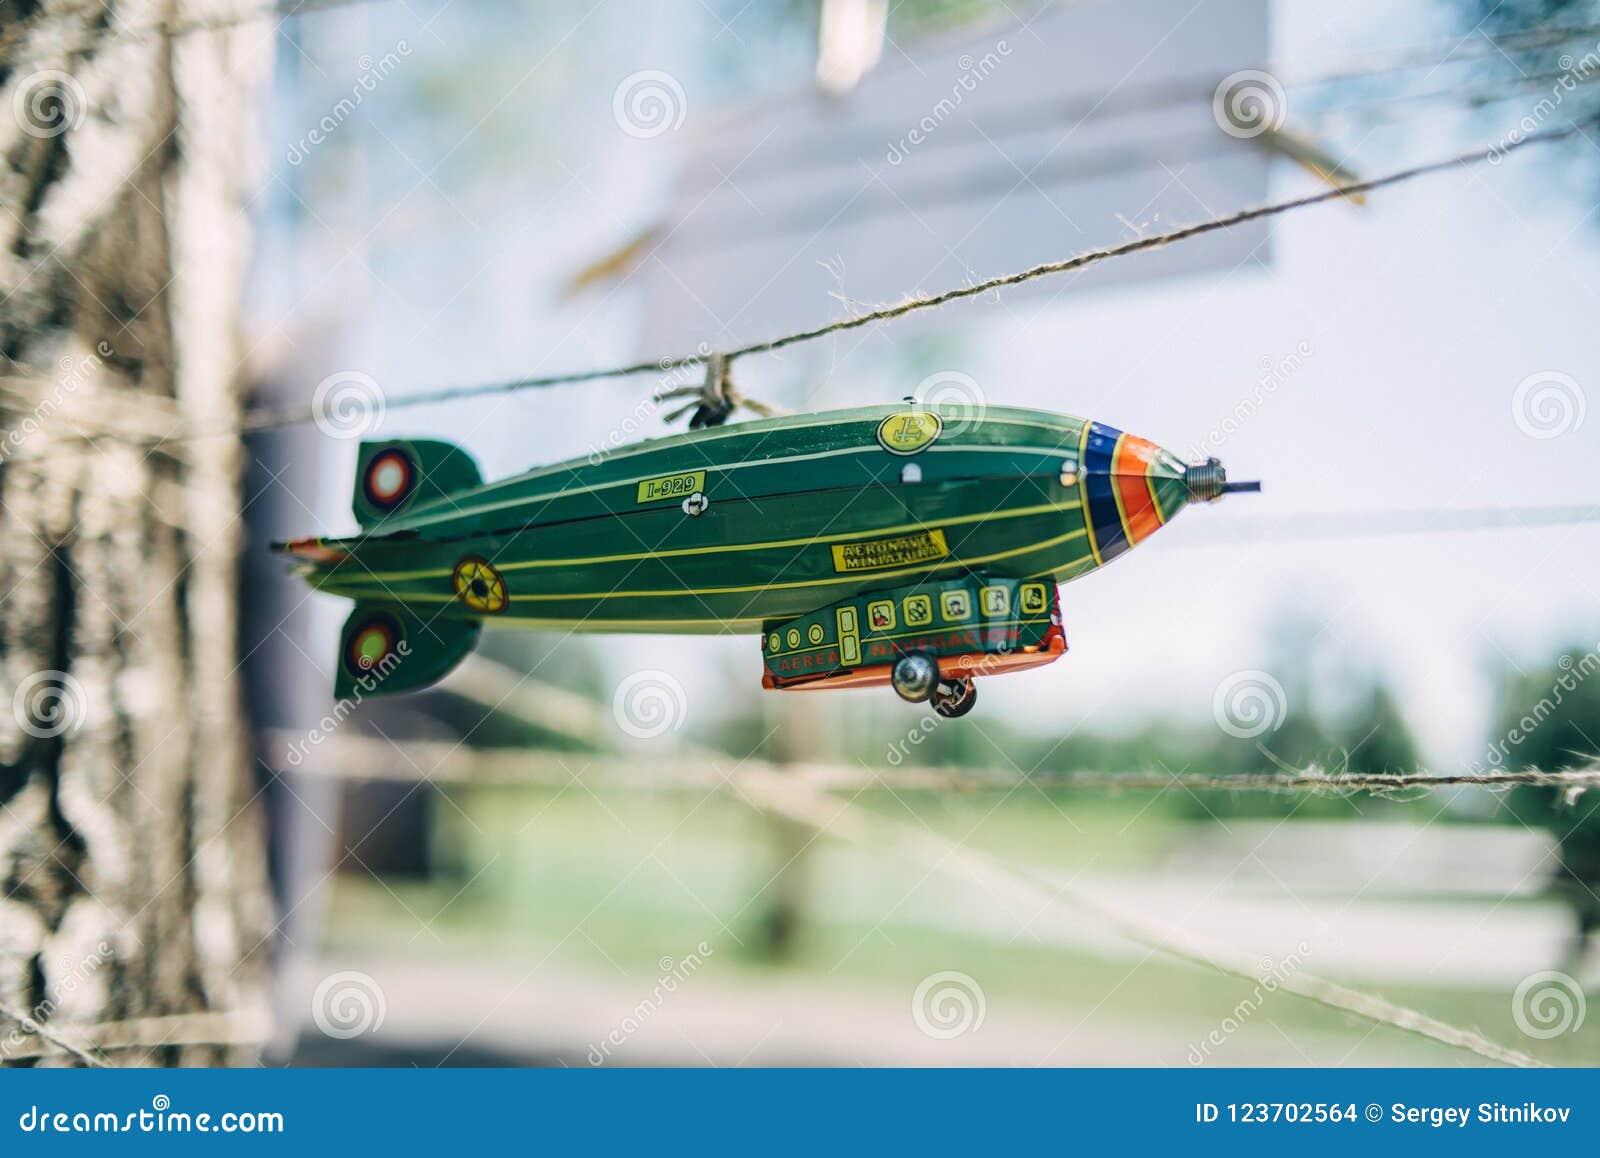 Een stuk speelgoed luchtschip hangt op een koord